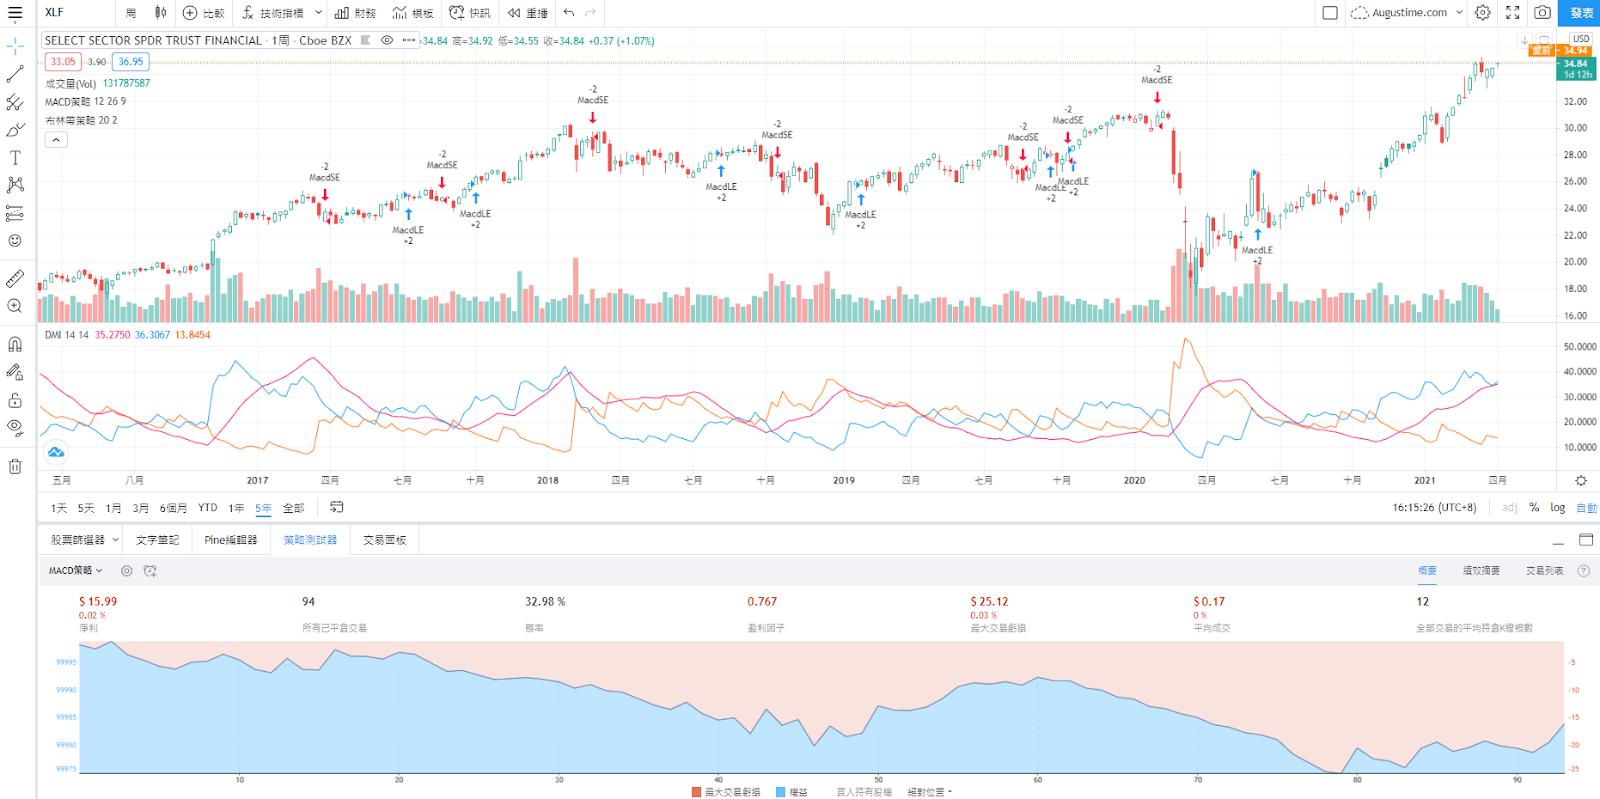 XLF股價走勢圖與K線圖